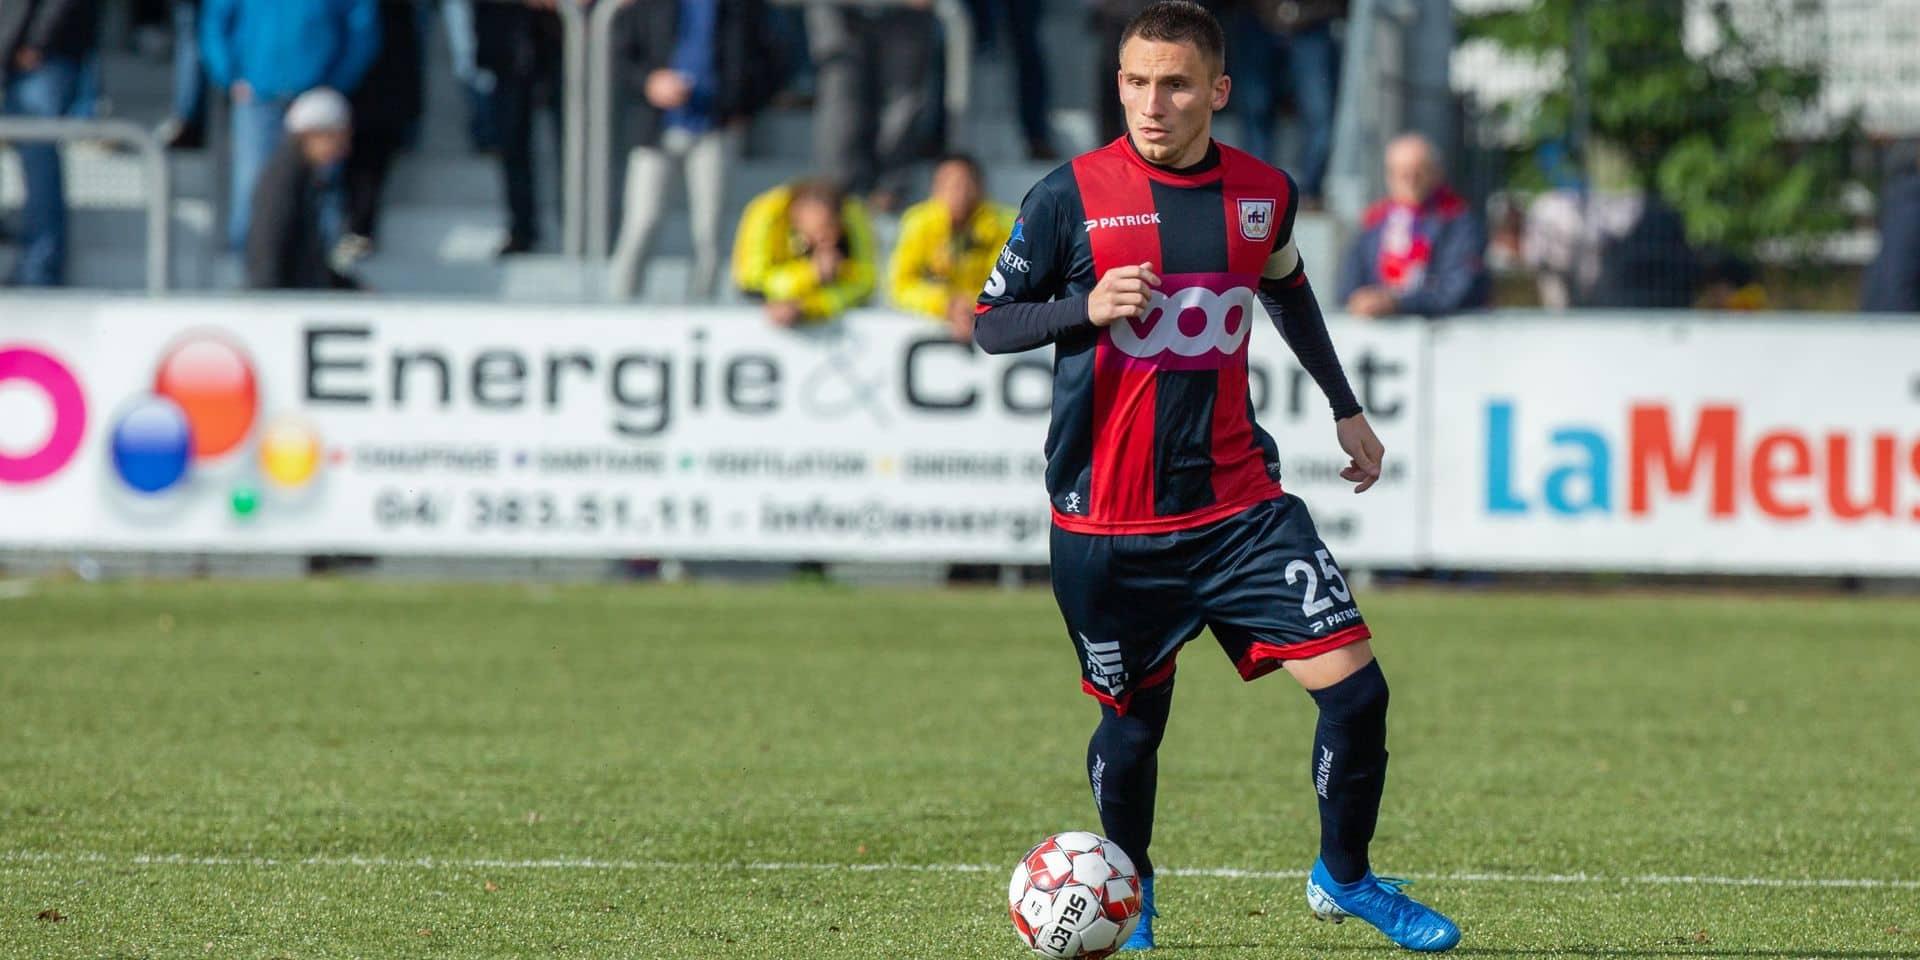 """Jonathan D'Ostilio est le nouveau capitaine du RFC Liège: """"Garder une équipe unie et soudée"""""""